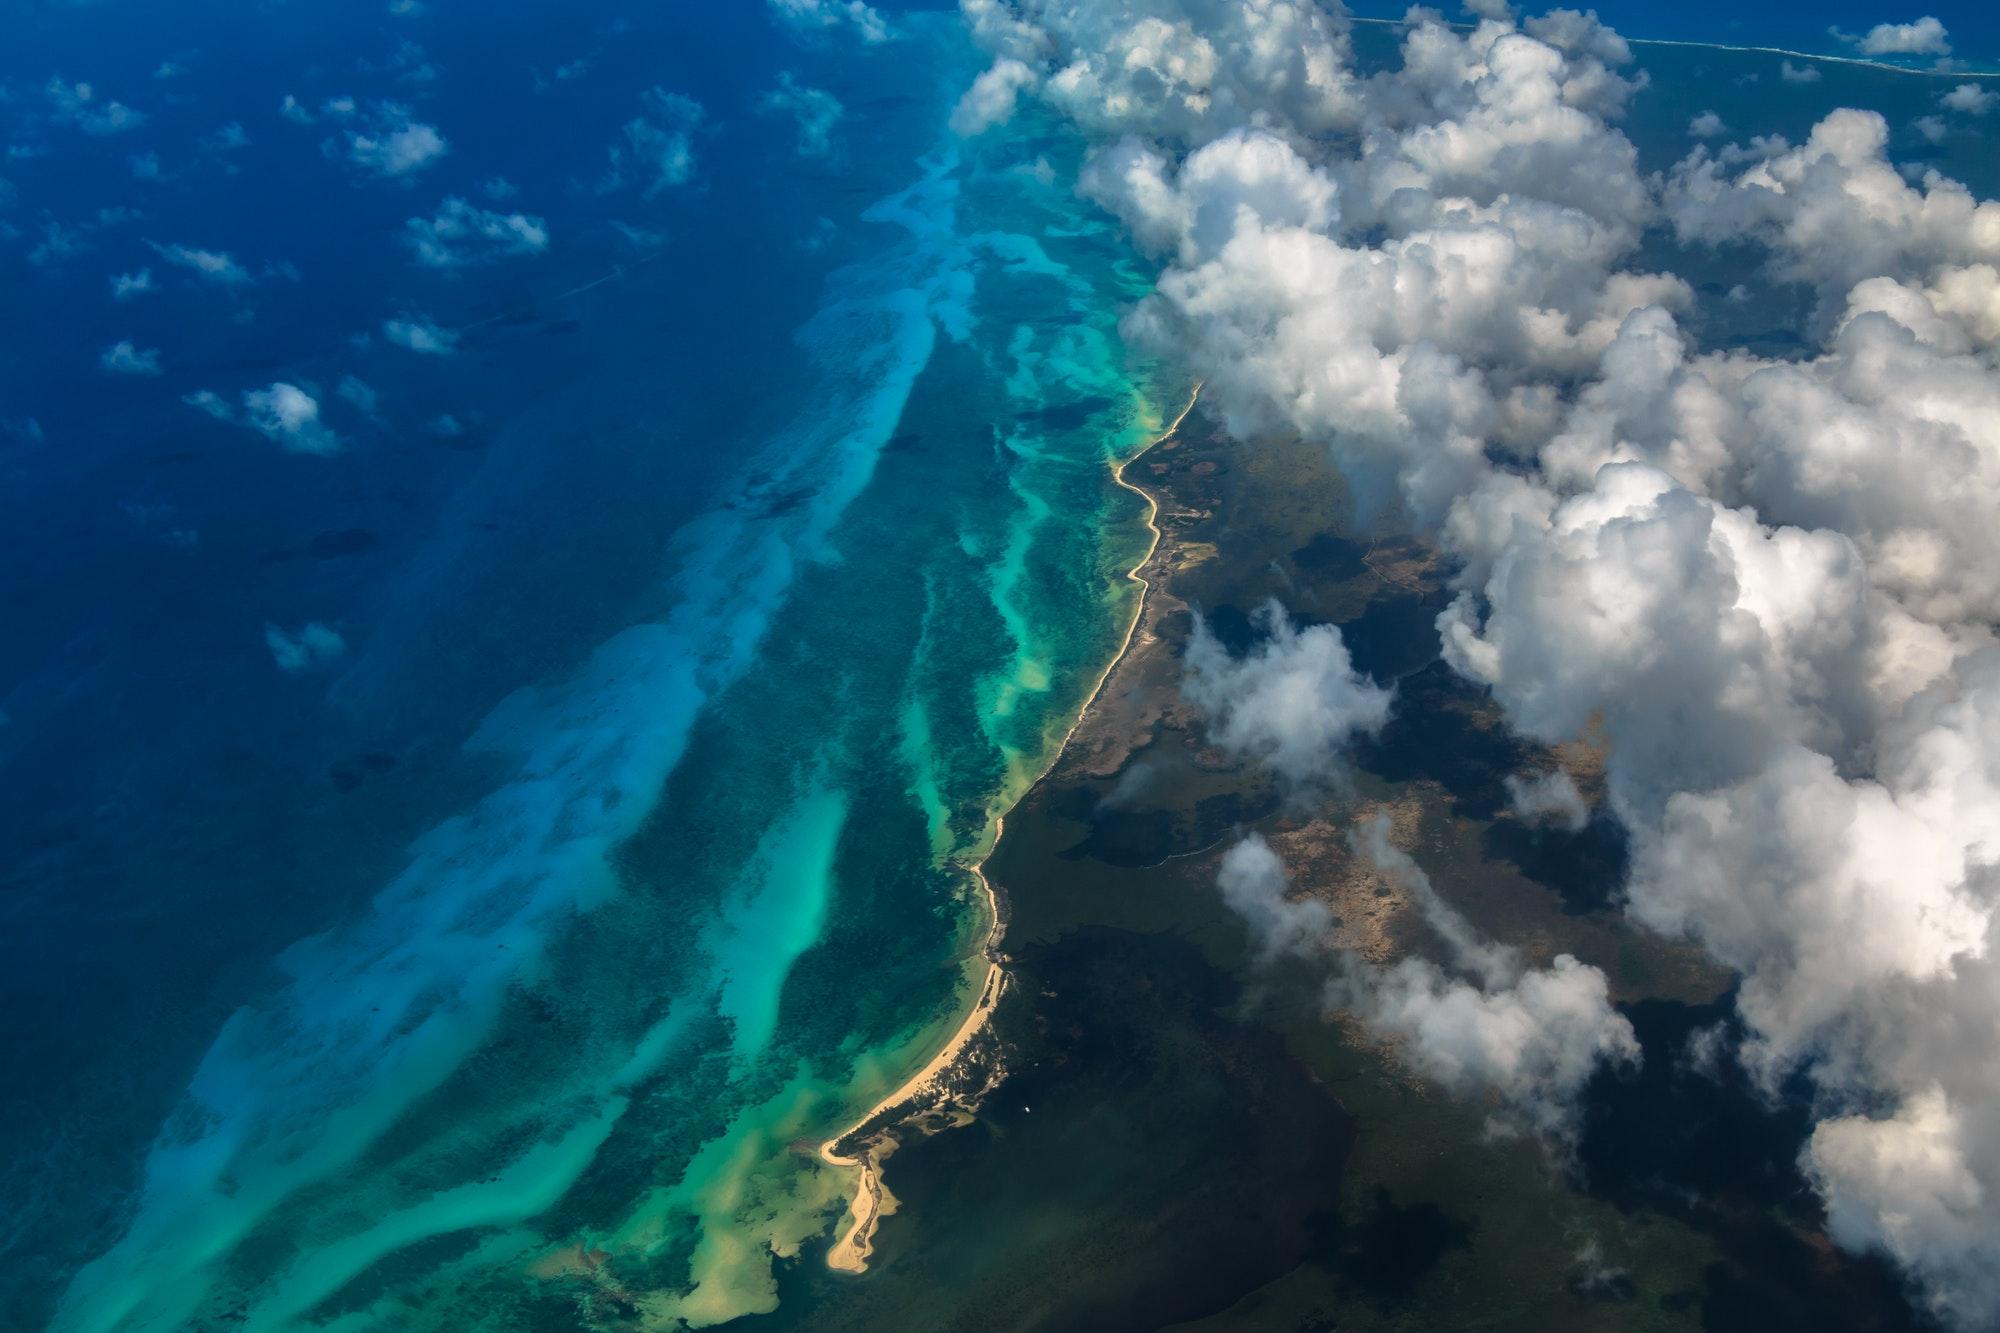 Flying over Cozumel